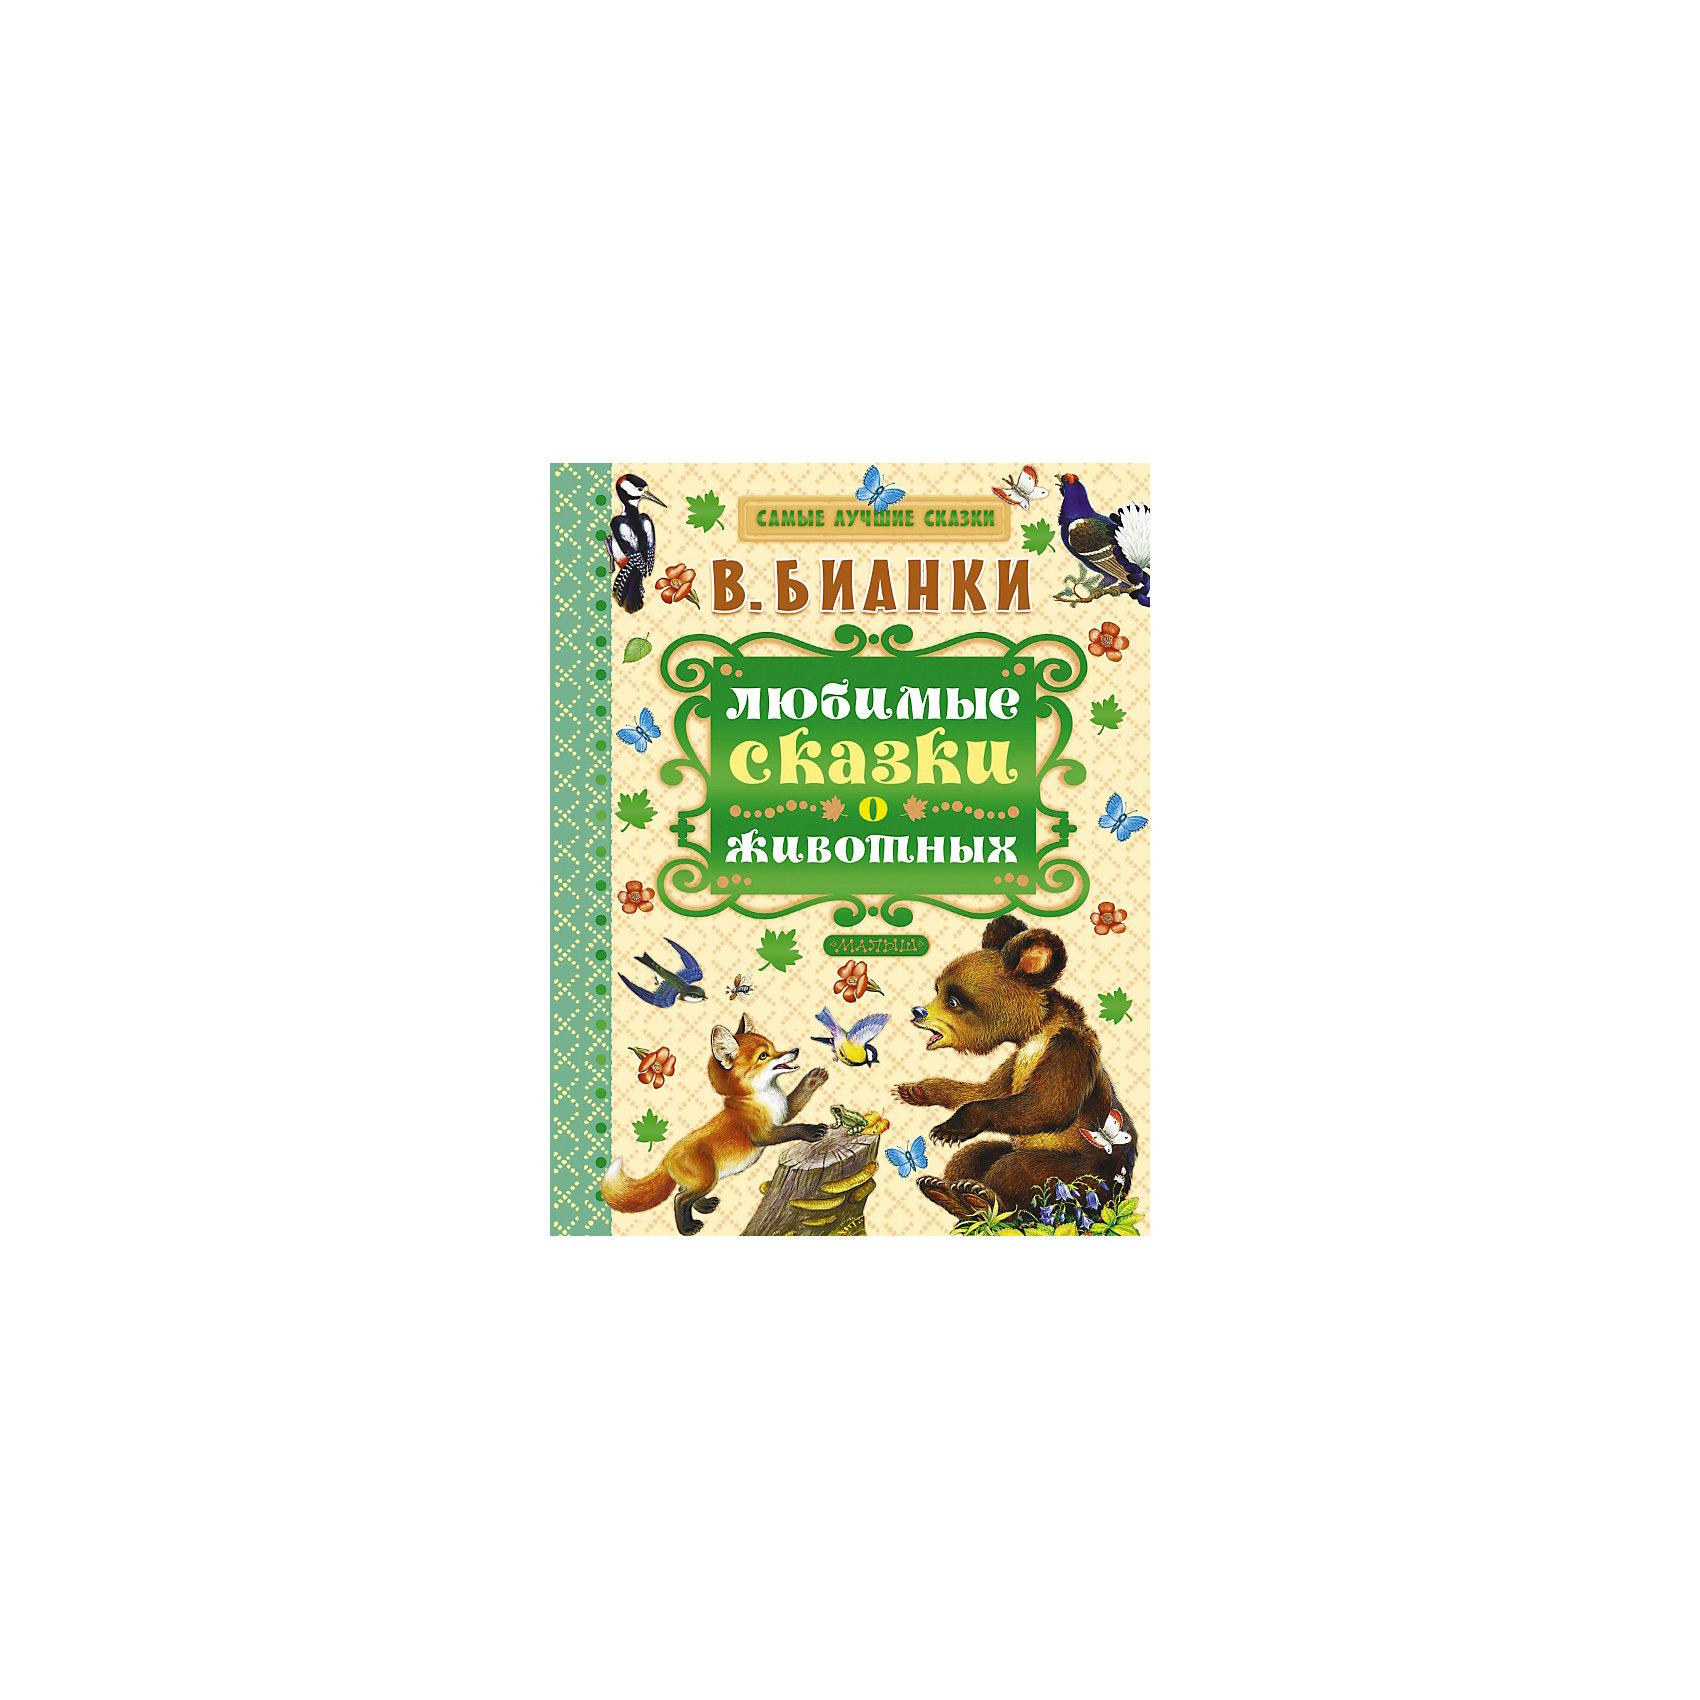 Любимые сказки о животных, В. БианкиБианки В.В.<br>Виталий Валентинович Бианки (1894–1959) — один из основателей целого направления в литературе для детей, посвятил своё творчество научно-художественному отображению жизни леса и его обитателей. Большинство его произведений посвящено лесу, который он хорошо знал с детства. В нашем сборнике «Любимые сказки о животных» есть и его «сказки-несказки» — «Теремок», «Лесные домишки», написанные в традициях народных сказок, и короткие рассказы «Чьи это ноги?», «Кто чем поёт?», «Чей нос лучше?». Такие истории, содержащие достоверный и правдивый материал о природе, помогут<br>детям развить наблюдательность, понимать язык природы, полный чудес, загадок и волнующих тайн.<br>Для дошкольного возраста.<br><br>Содержание:<br>ТЕРЕМОК<br>ЛЕСНОЙ КОЛОБОК - КОЛЮЧИЙ БОК<br>ХИТРЫЙ ЛИС И УМНАЯ УТОЧКА<br>ТЕРЕНТИЙ-ТЕТЕРЕВ<br>МИШКА-БАШКА<br>ЛЕСНЫЕ ДОМИШКИ<br>КТО ЧЕМ ПОЁТ?<br>ЧЕЙ НОС ЛУЧШЕ?<br>ЧЬИ ЭТО НОГИ? <br>РОСЯНКА - КОМАРИНАЯ СМЕРТЬ<br><br>Ширина мм: 255<br>Глубина мм: 197<br>Высота мм: 160<br>Вес г: 51<br>Возраст от месяцев: 12<br>Возраст до месяцев: 2147483647<br>Пол: Унисекс<br>Возраст: Детский<br>SKU: 6848306